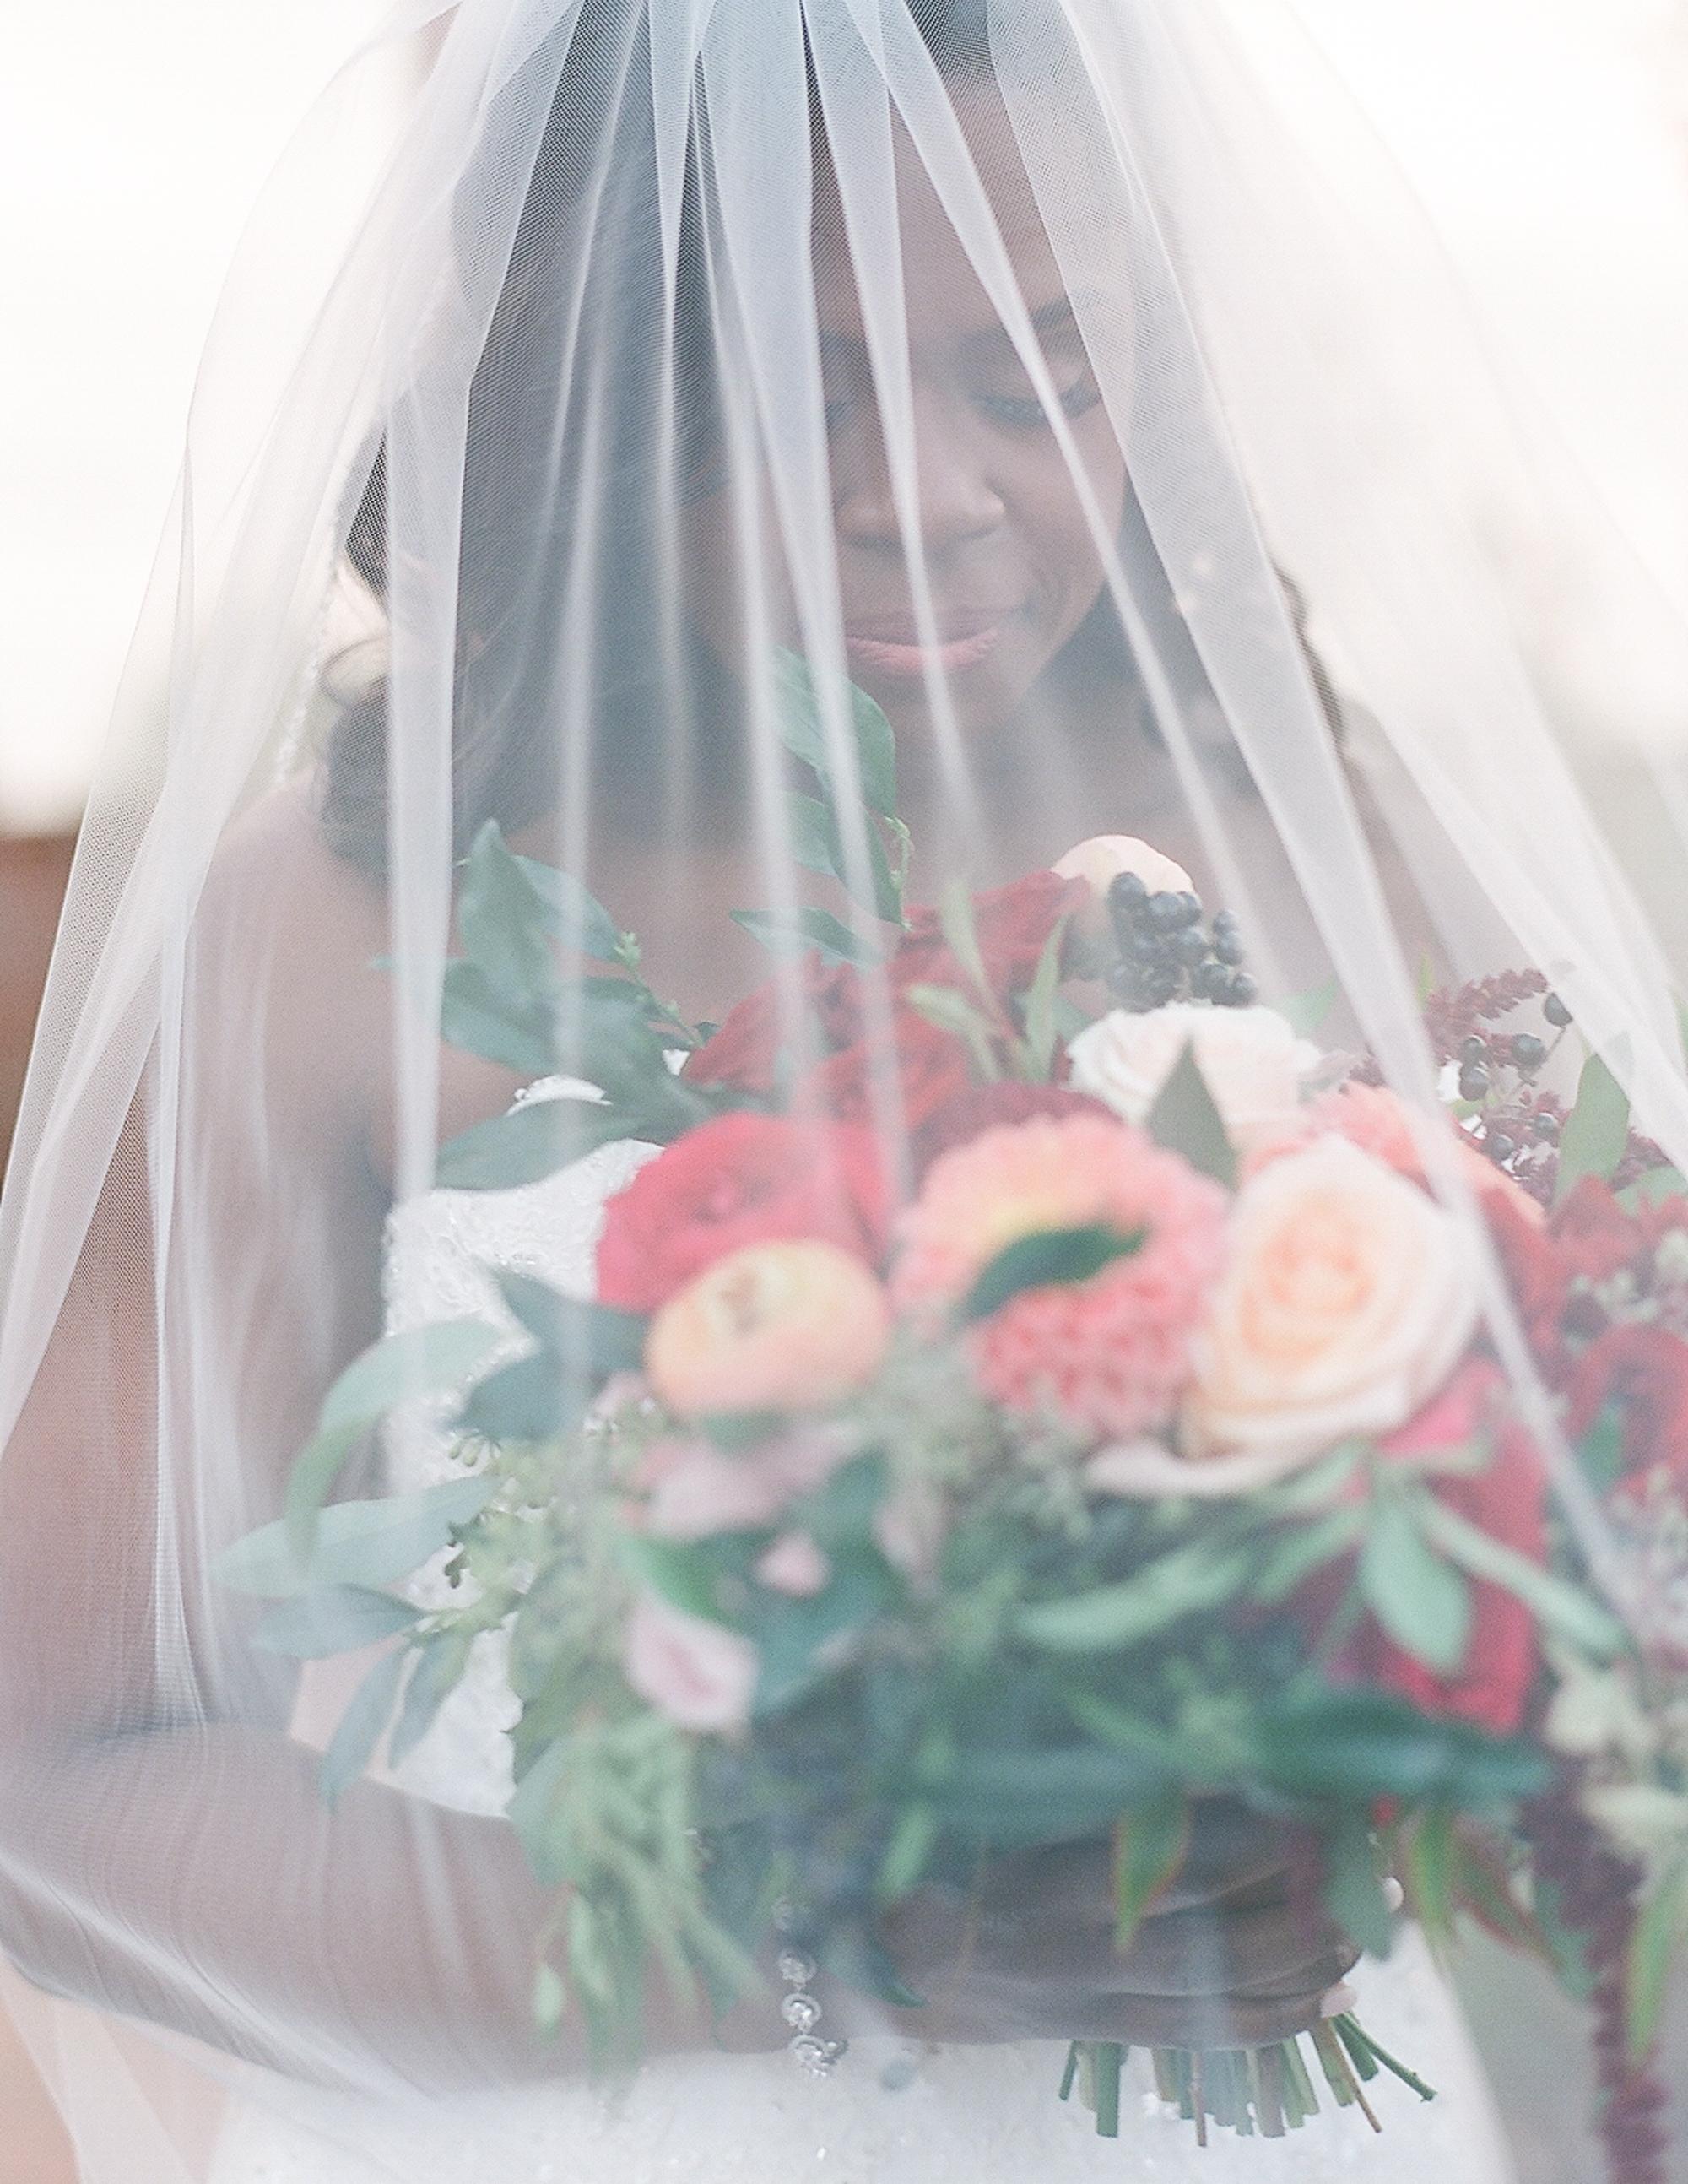 Bonphotage Chicago Fine Art Wedding Photography - Lincolnshire Noah's Event Center